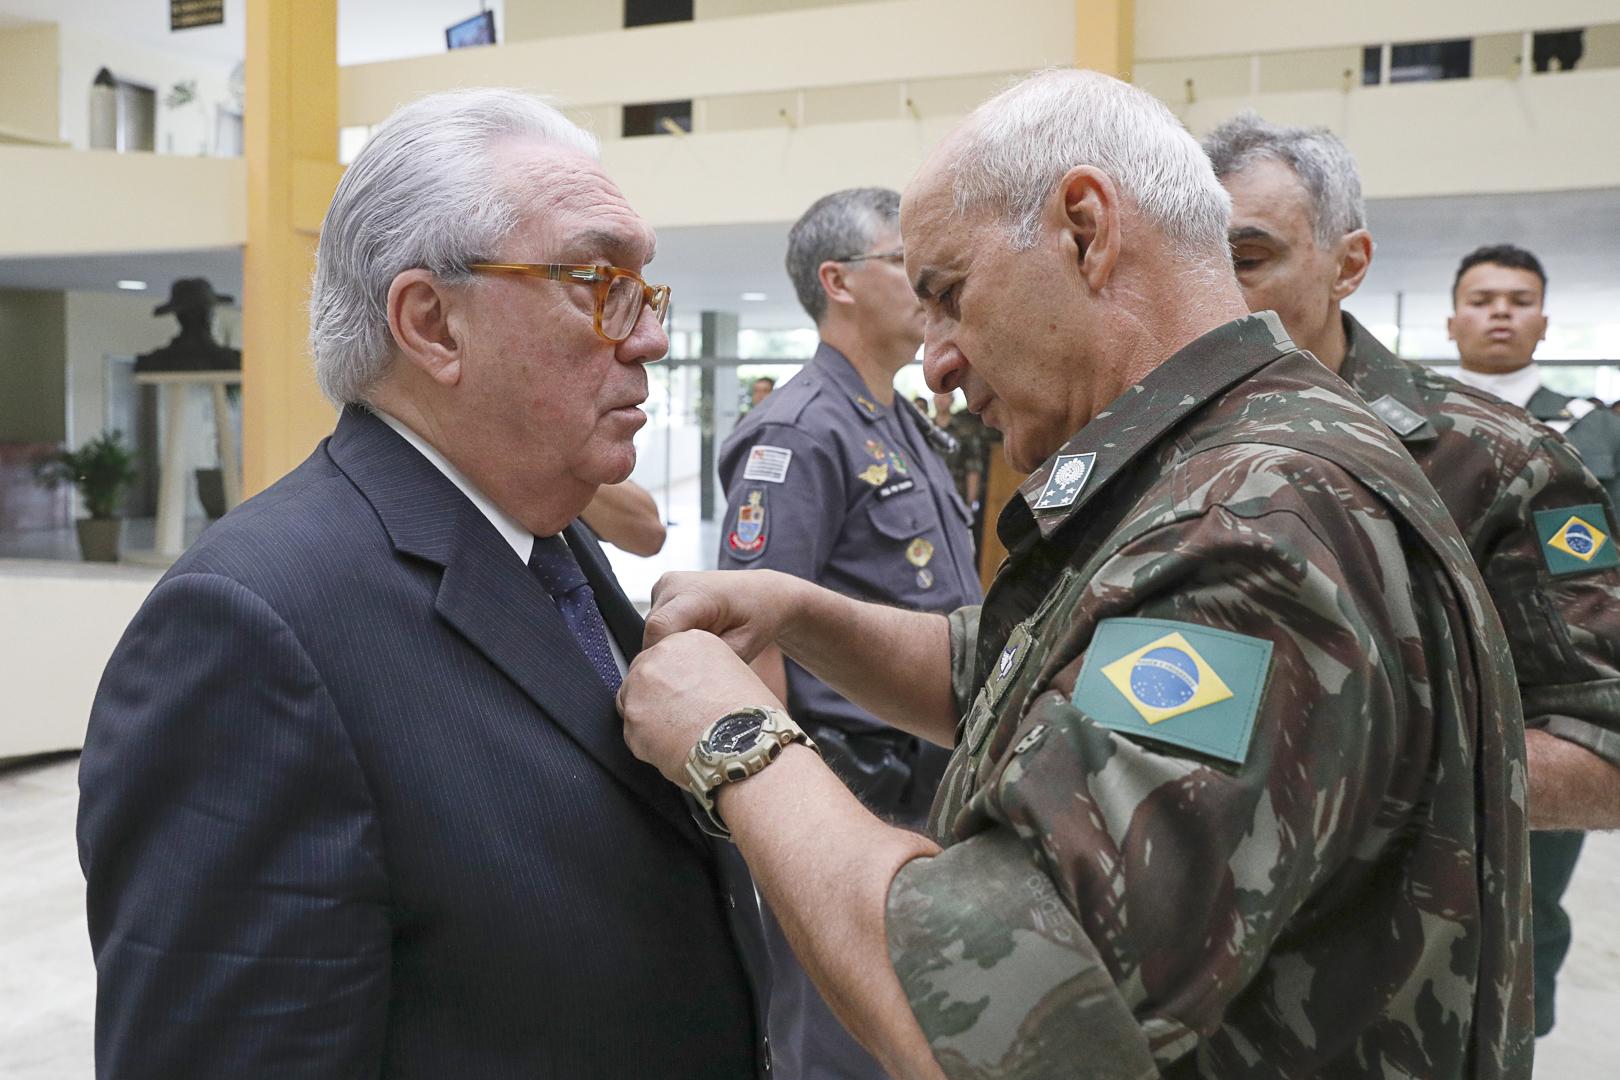 Judiciário é homenageado no Comando Militar do Sudeste